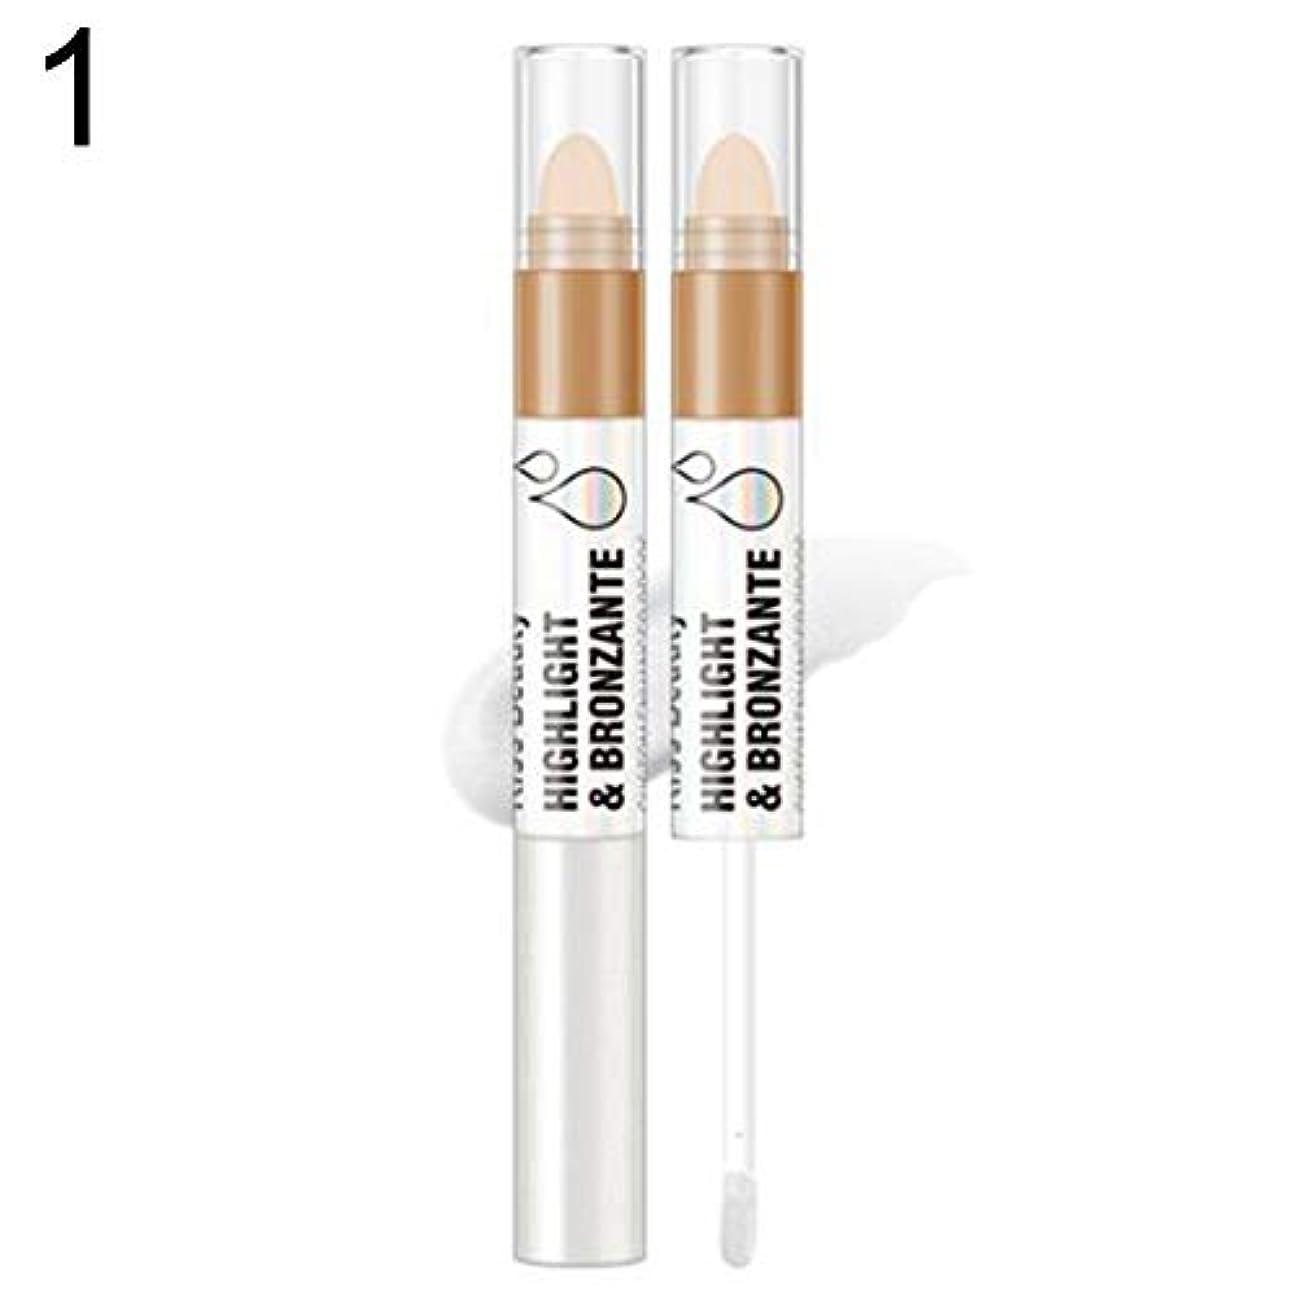 どこか小競り合い子孫Kissbeauty液体蛍光ペンフェイスグロープライマーオイルコントロールコンターブライトナー - 1